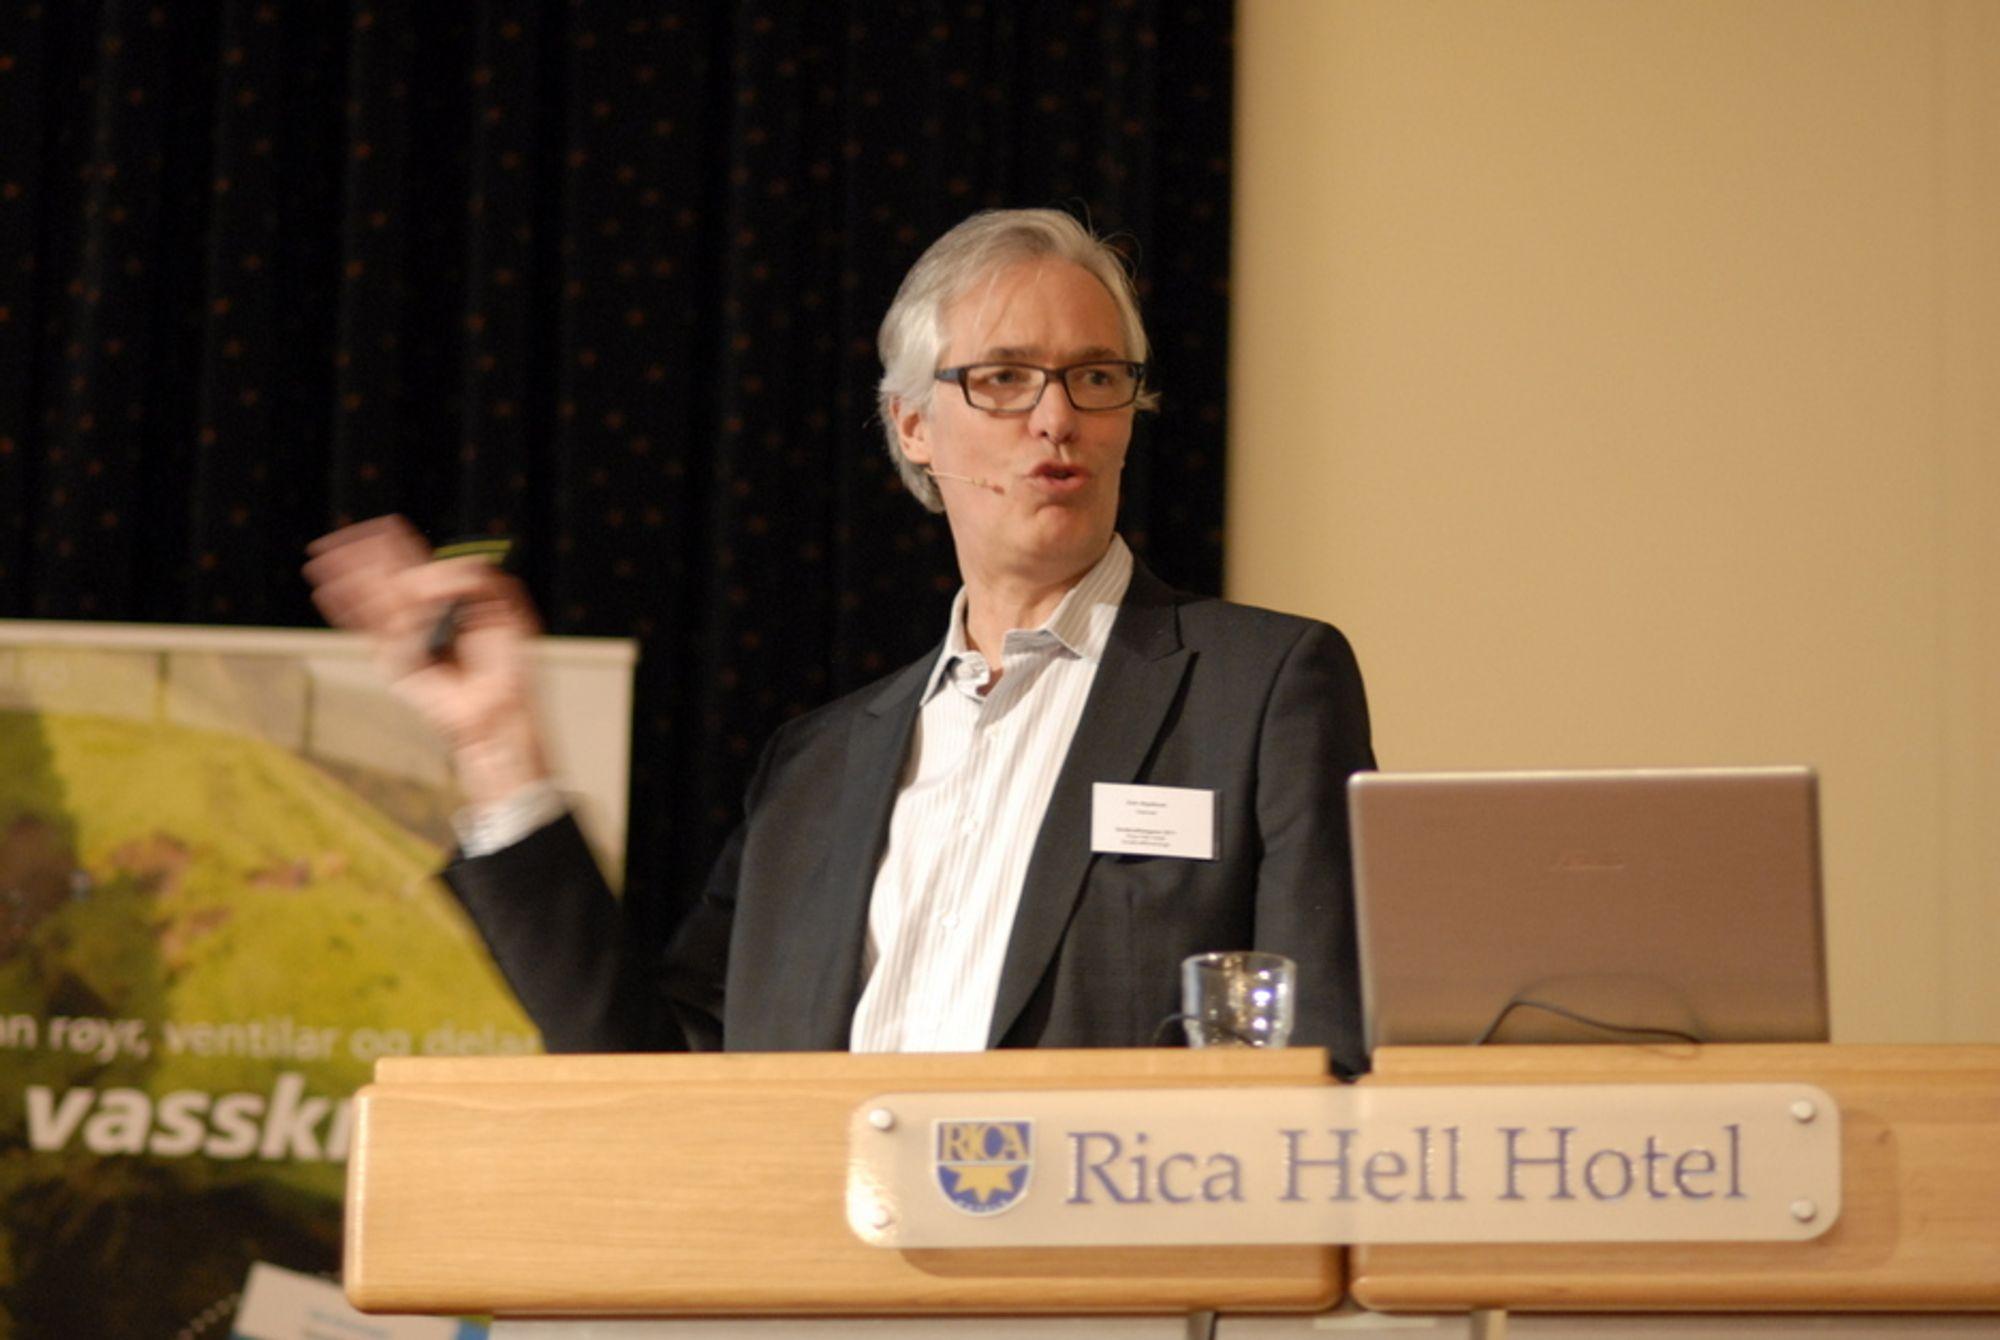 SAVNER TRYGGHET: Energibransjens rammebetingelser er for ustabile, mener Statnetts direktør for energi og nettstrategi, Erik Skjelbred.